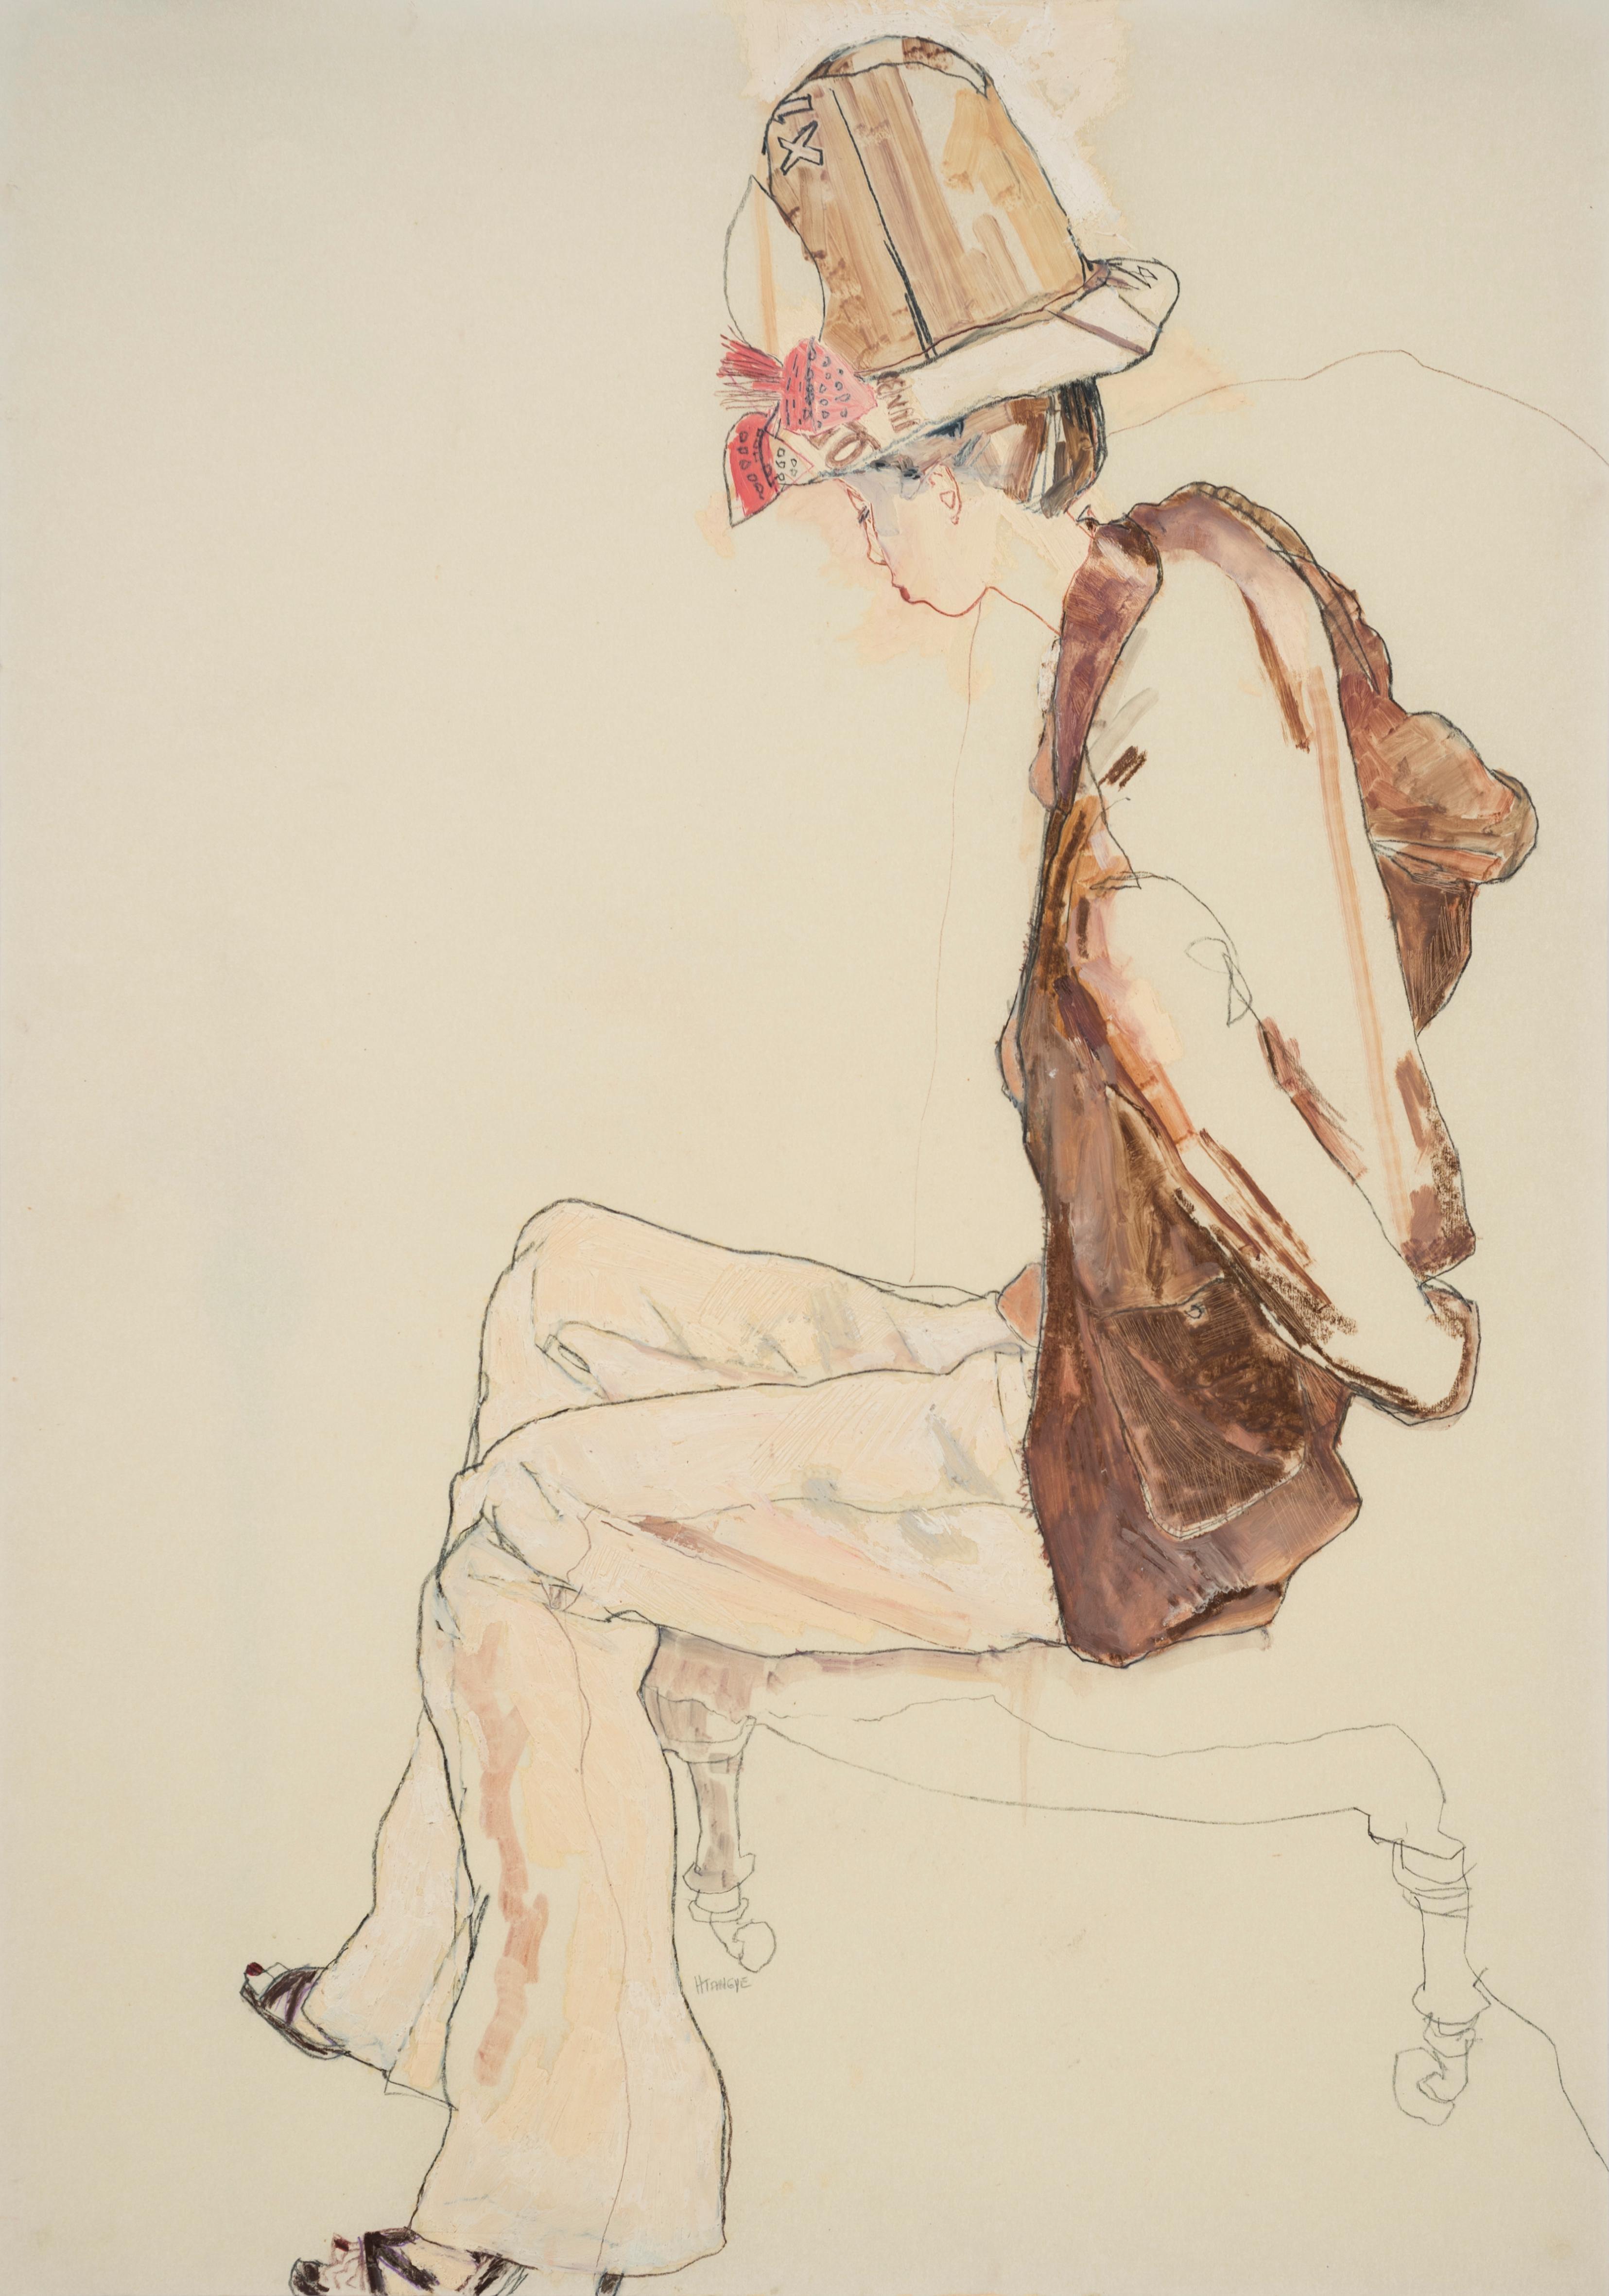 Maria Nishio (Profile - Browns), Mixed media on Pergamenata parchment